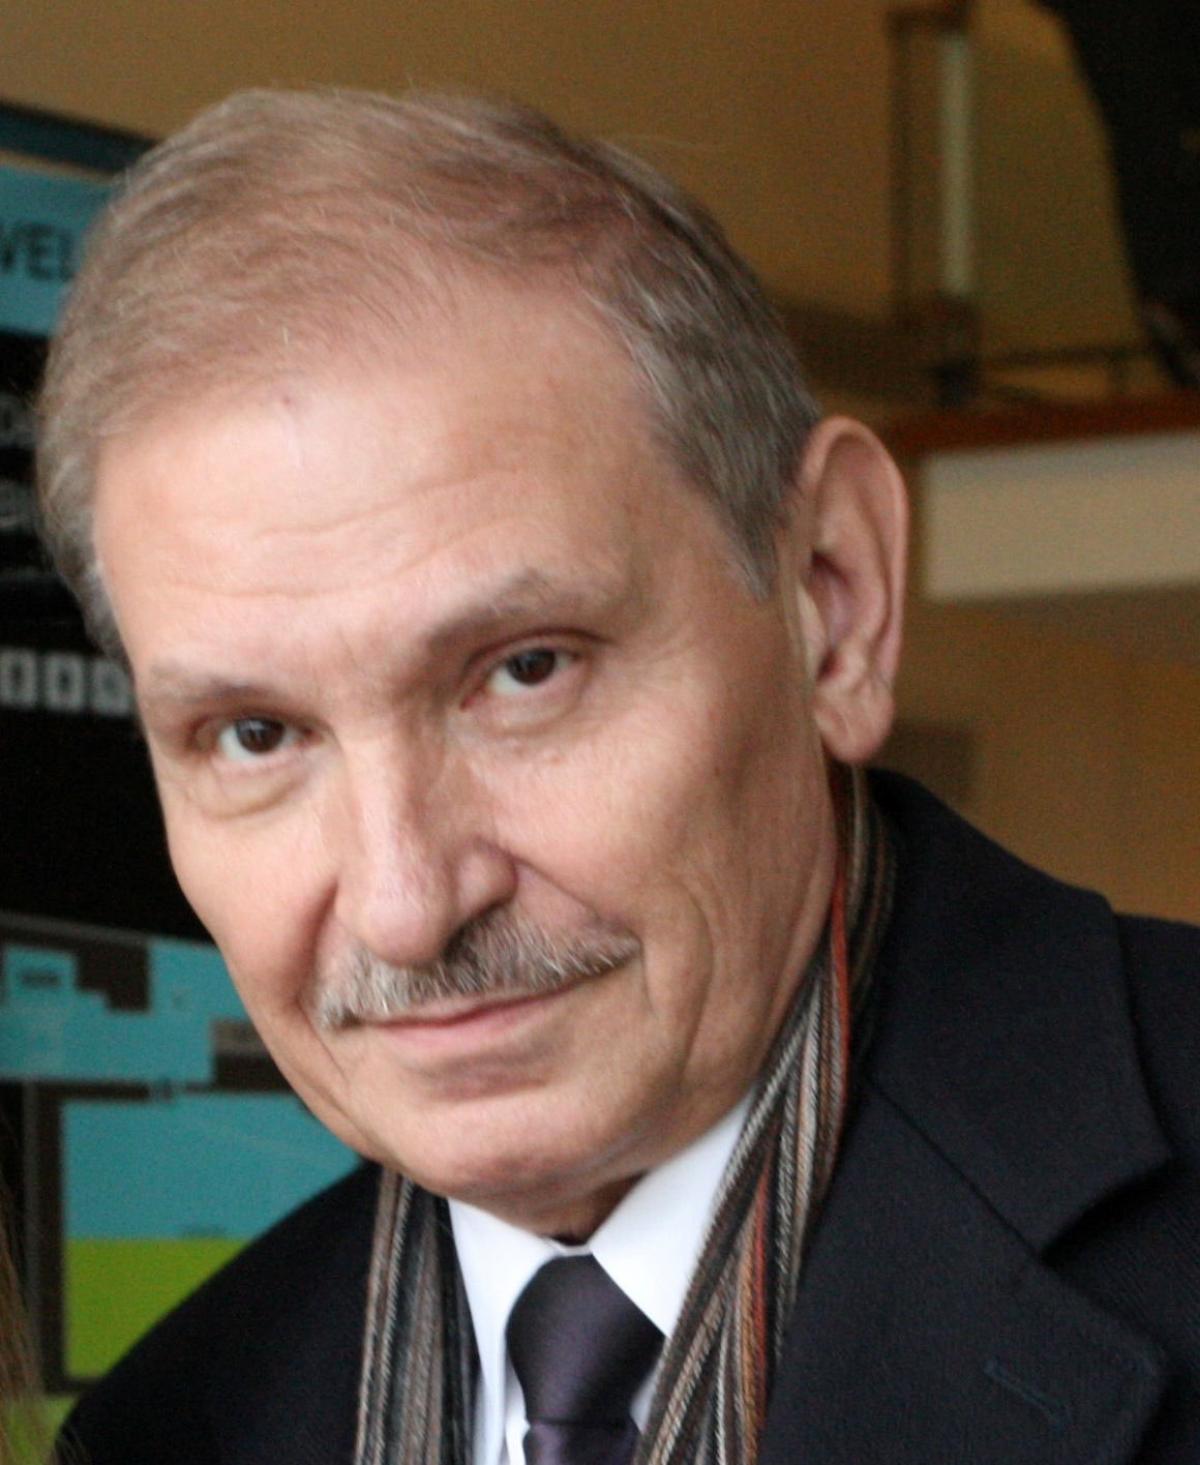 Николая Глушкова задушили собачьим поводком, узнали западные СМИ